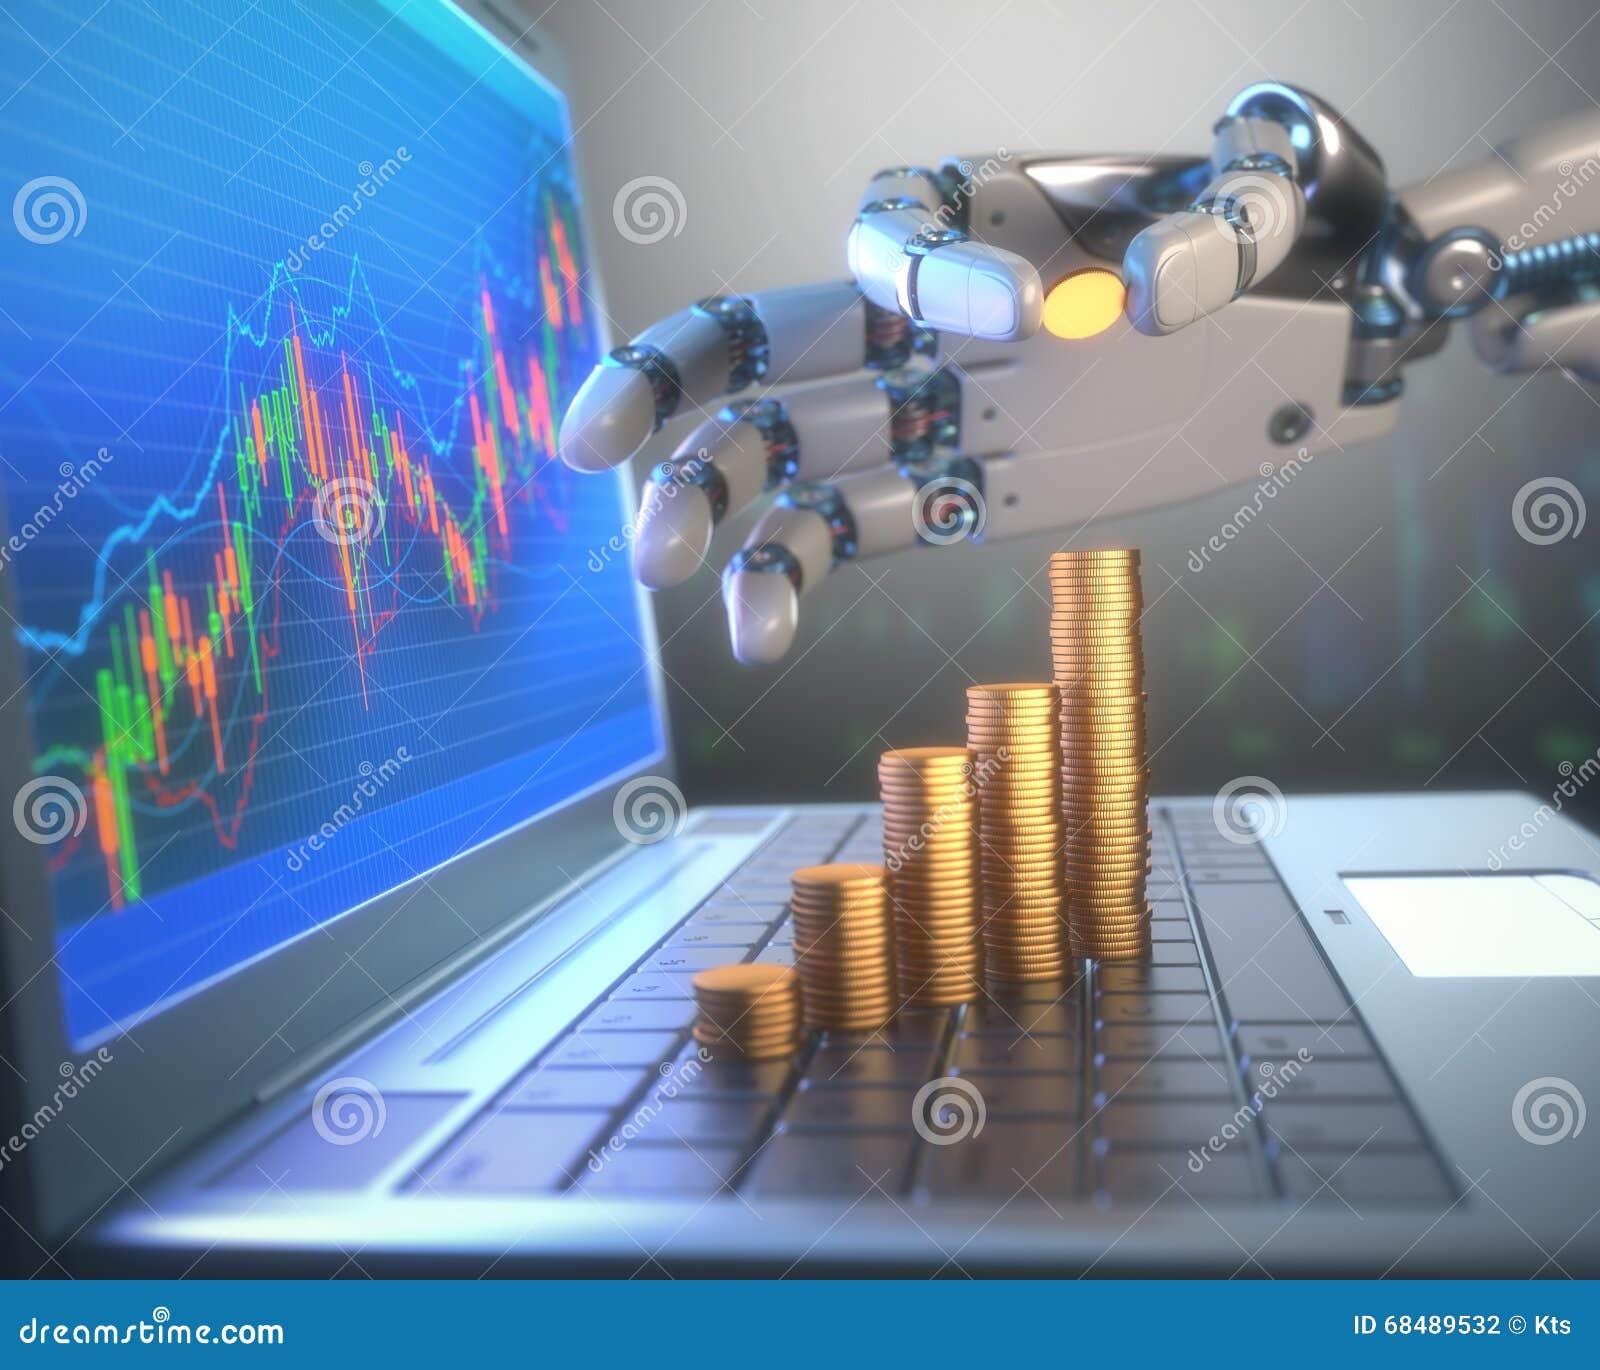 Биржа система торговли суперскальпинг на бинарных опционах 2019 видеокурс